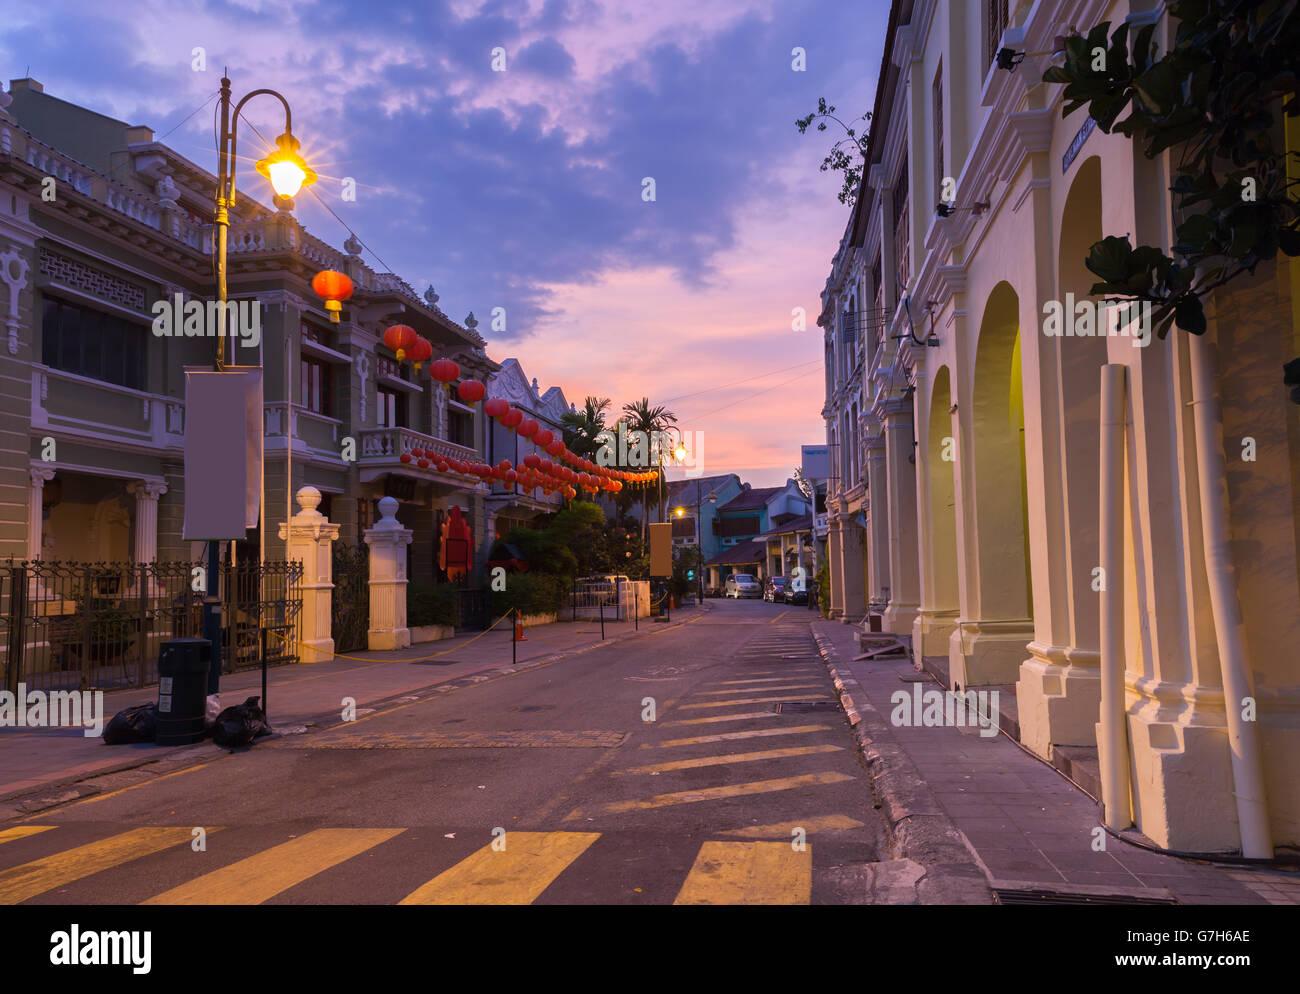 La tombée de la vue sur la rue arménienne et Yap Kongsi clan, George Town, Penang, Malaisie. Photo Stock